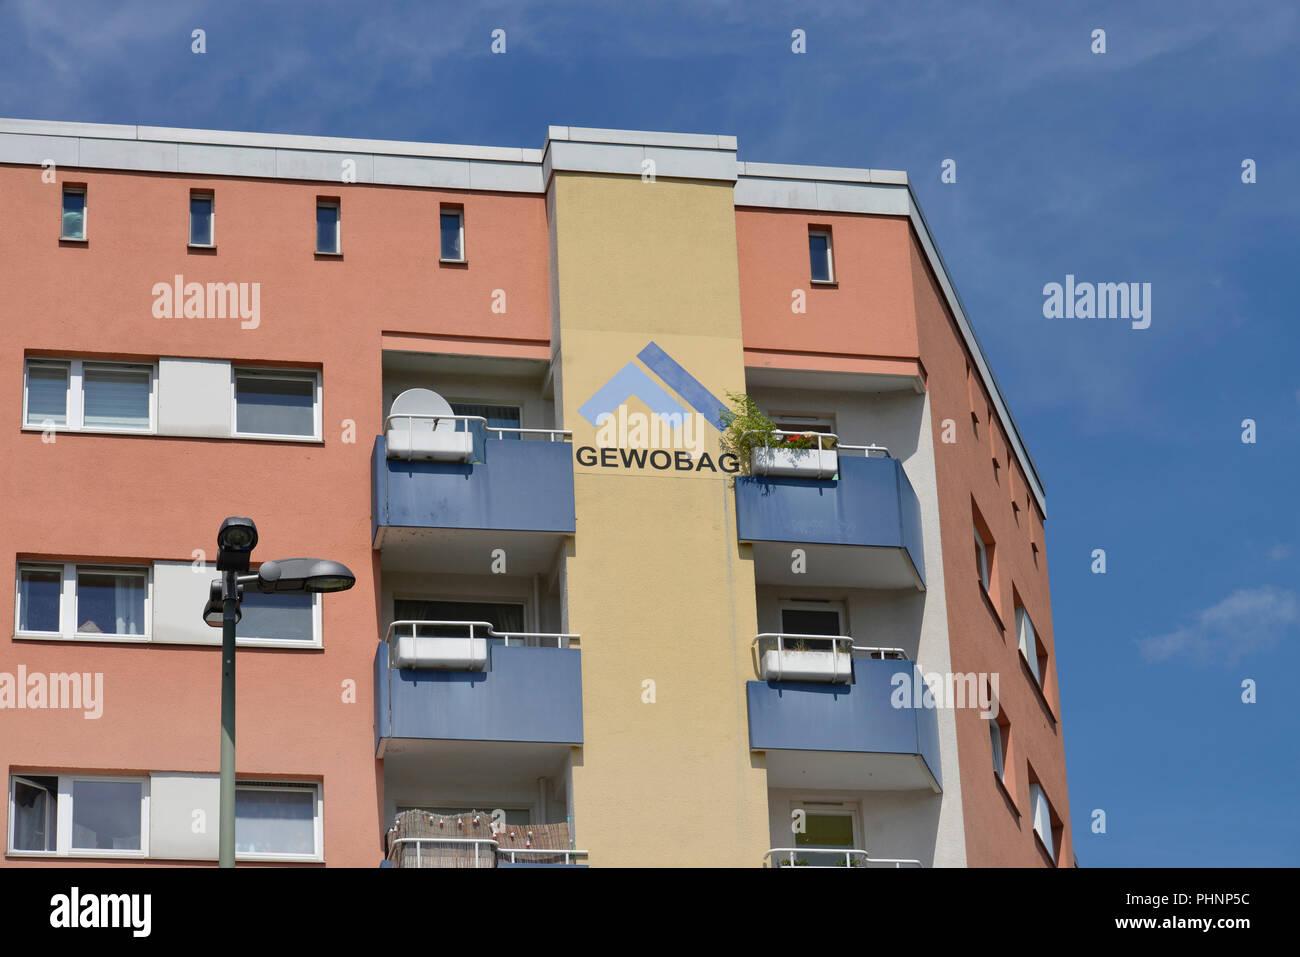 Wohnhaus, Motzstrasse, Gewobag, Schoeneberg, Berlin, Deutschland Stock Photo